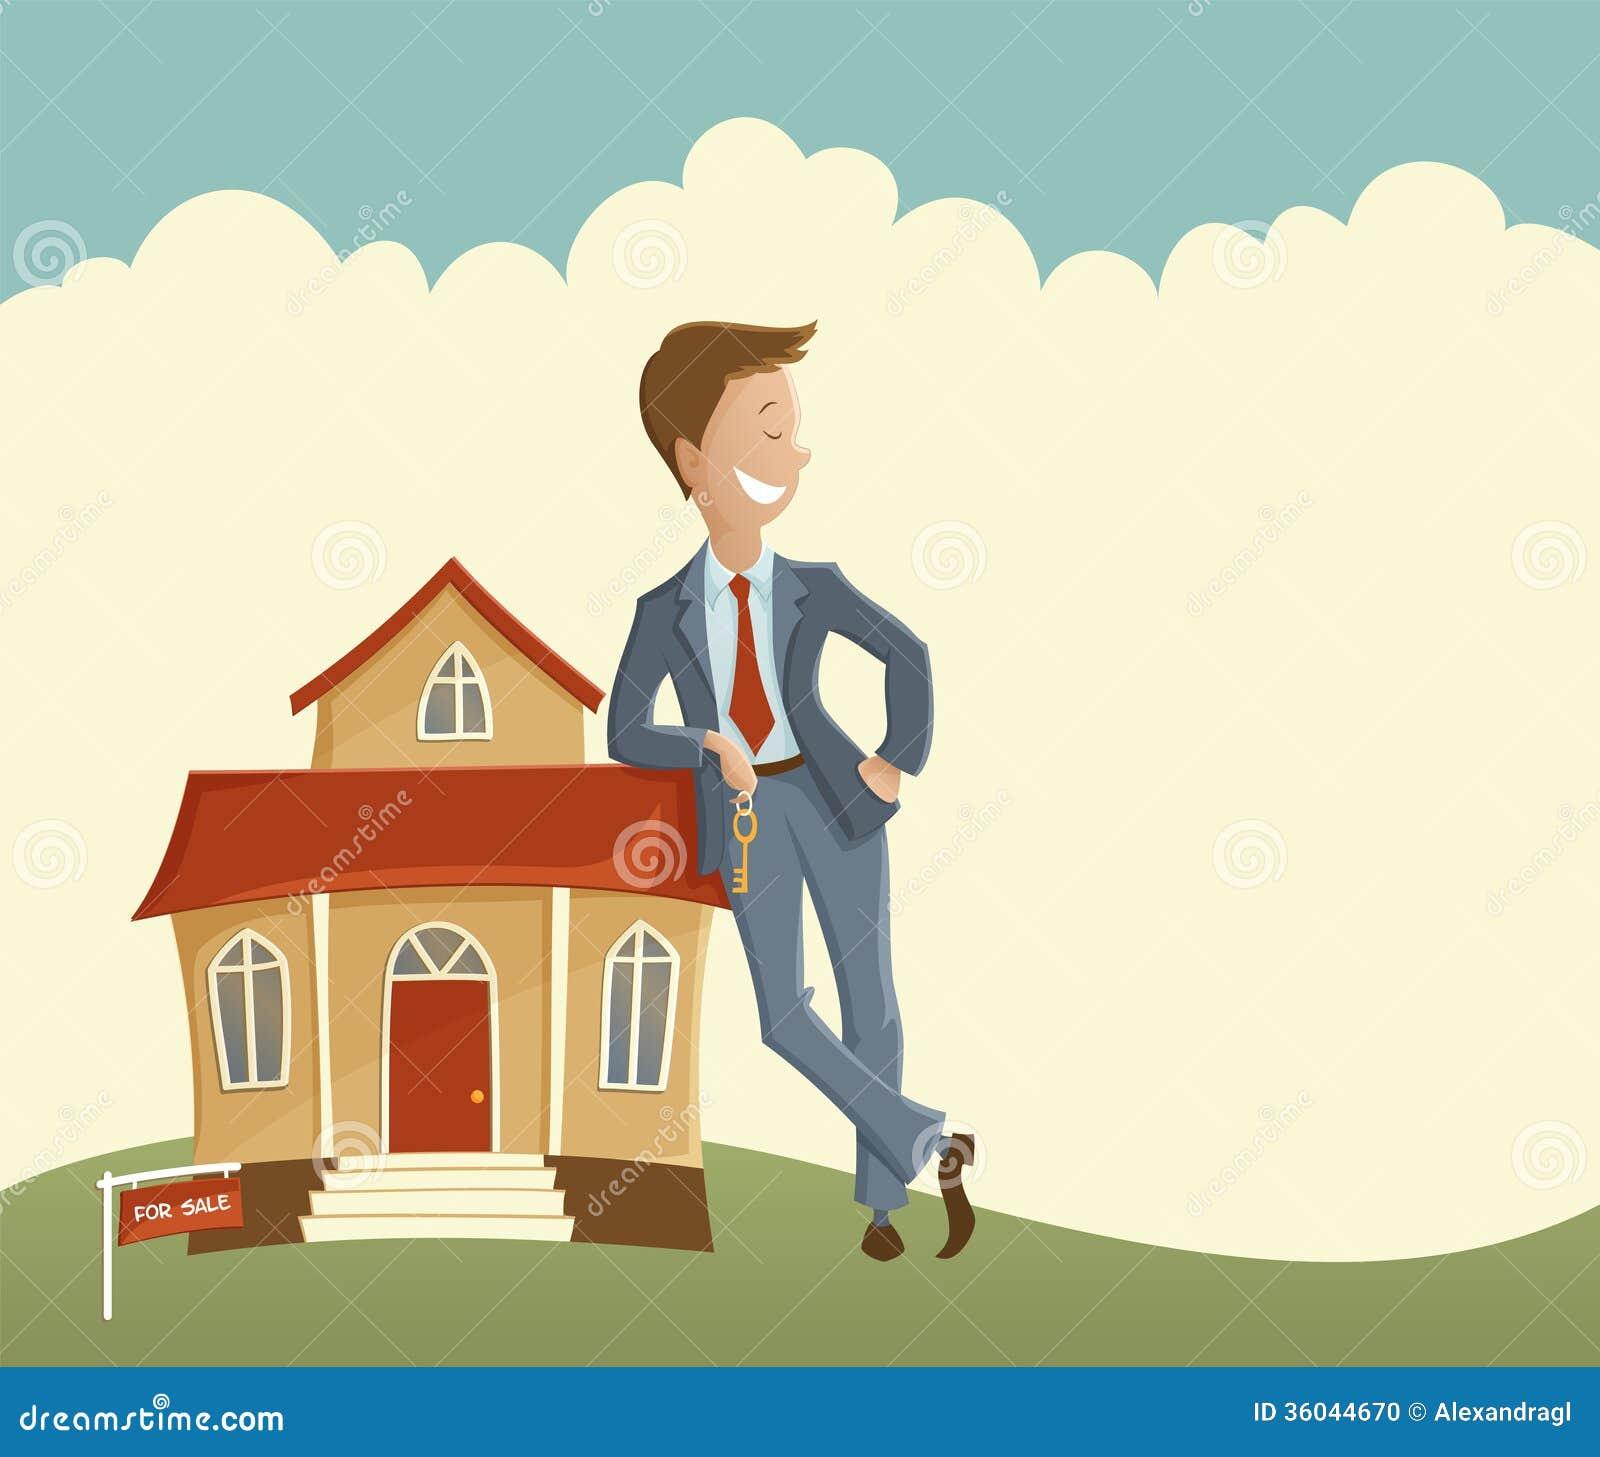 Agente de la propiedad inmobiliaria y casa